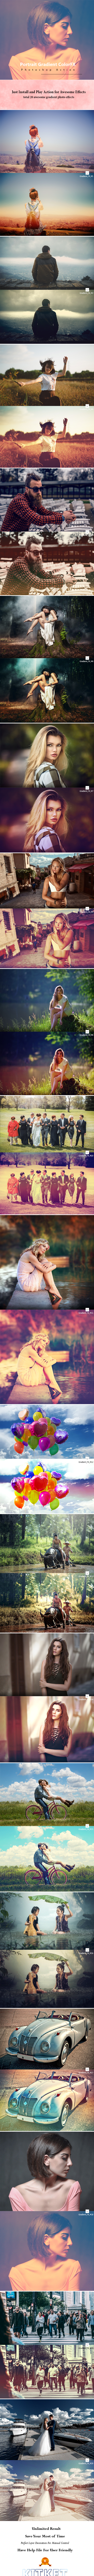 Portrait Gradient ColorFX Action - Photo Effects Actions